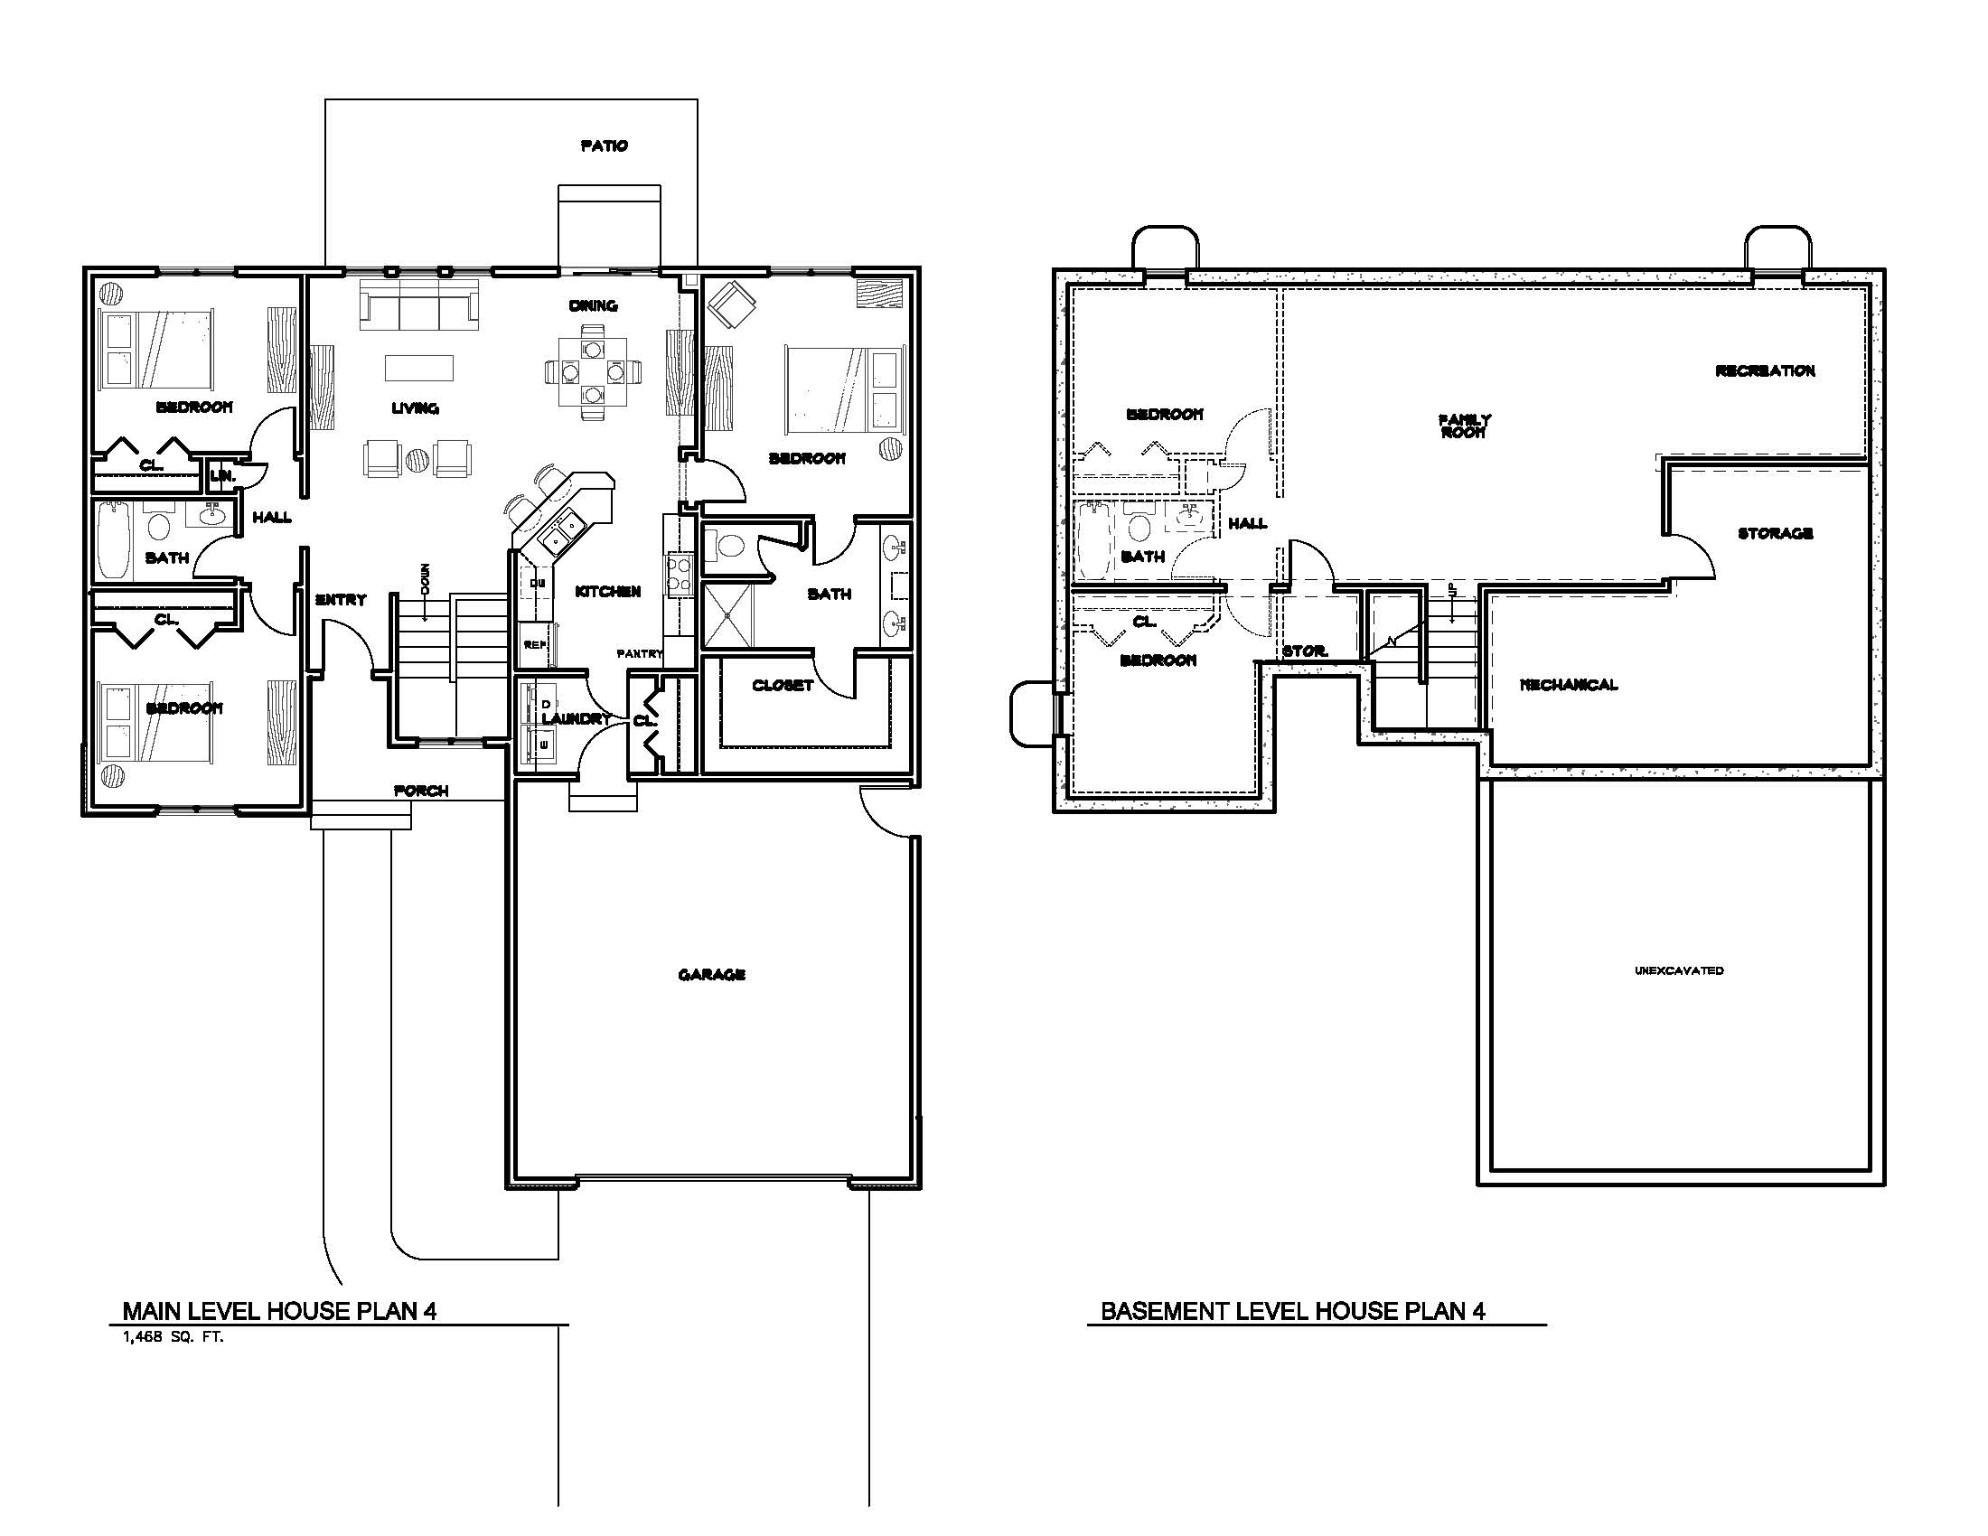 https://0201.nccdn.net/1_2/000/000/08c/029/house-plan-4.jpg